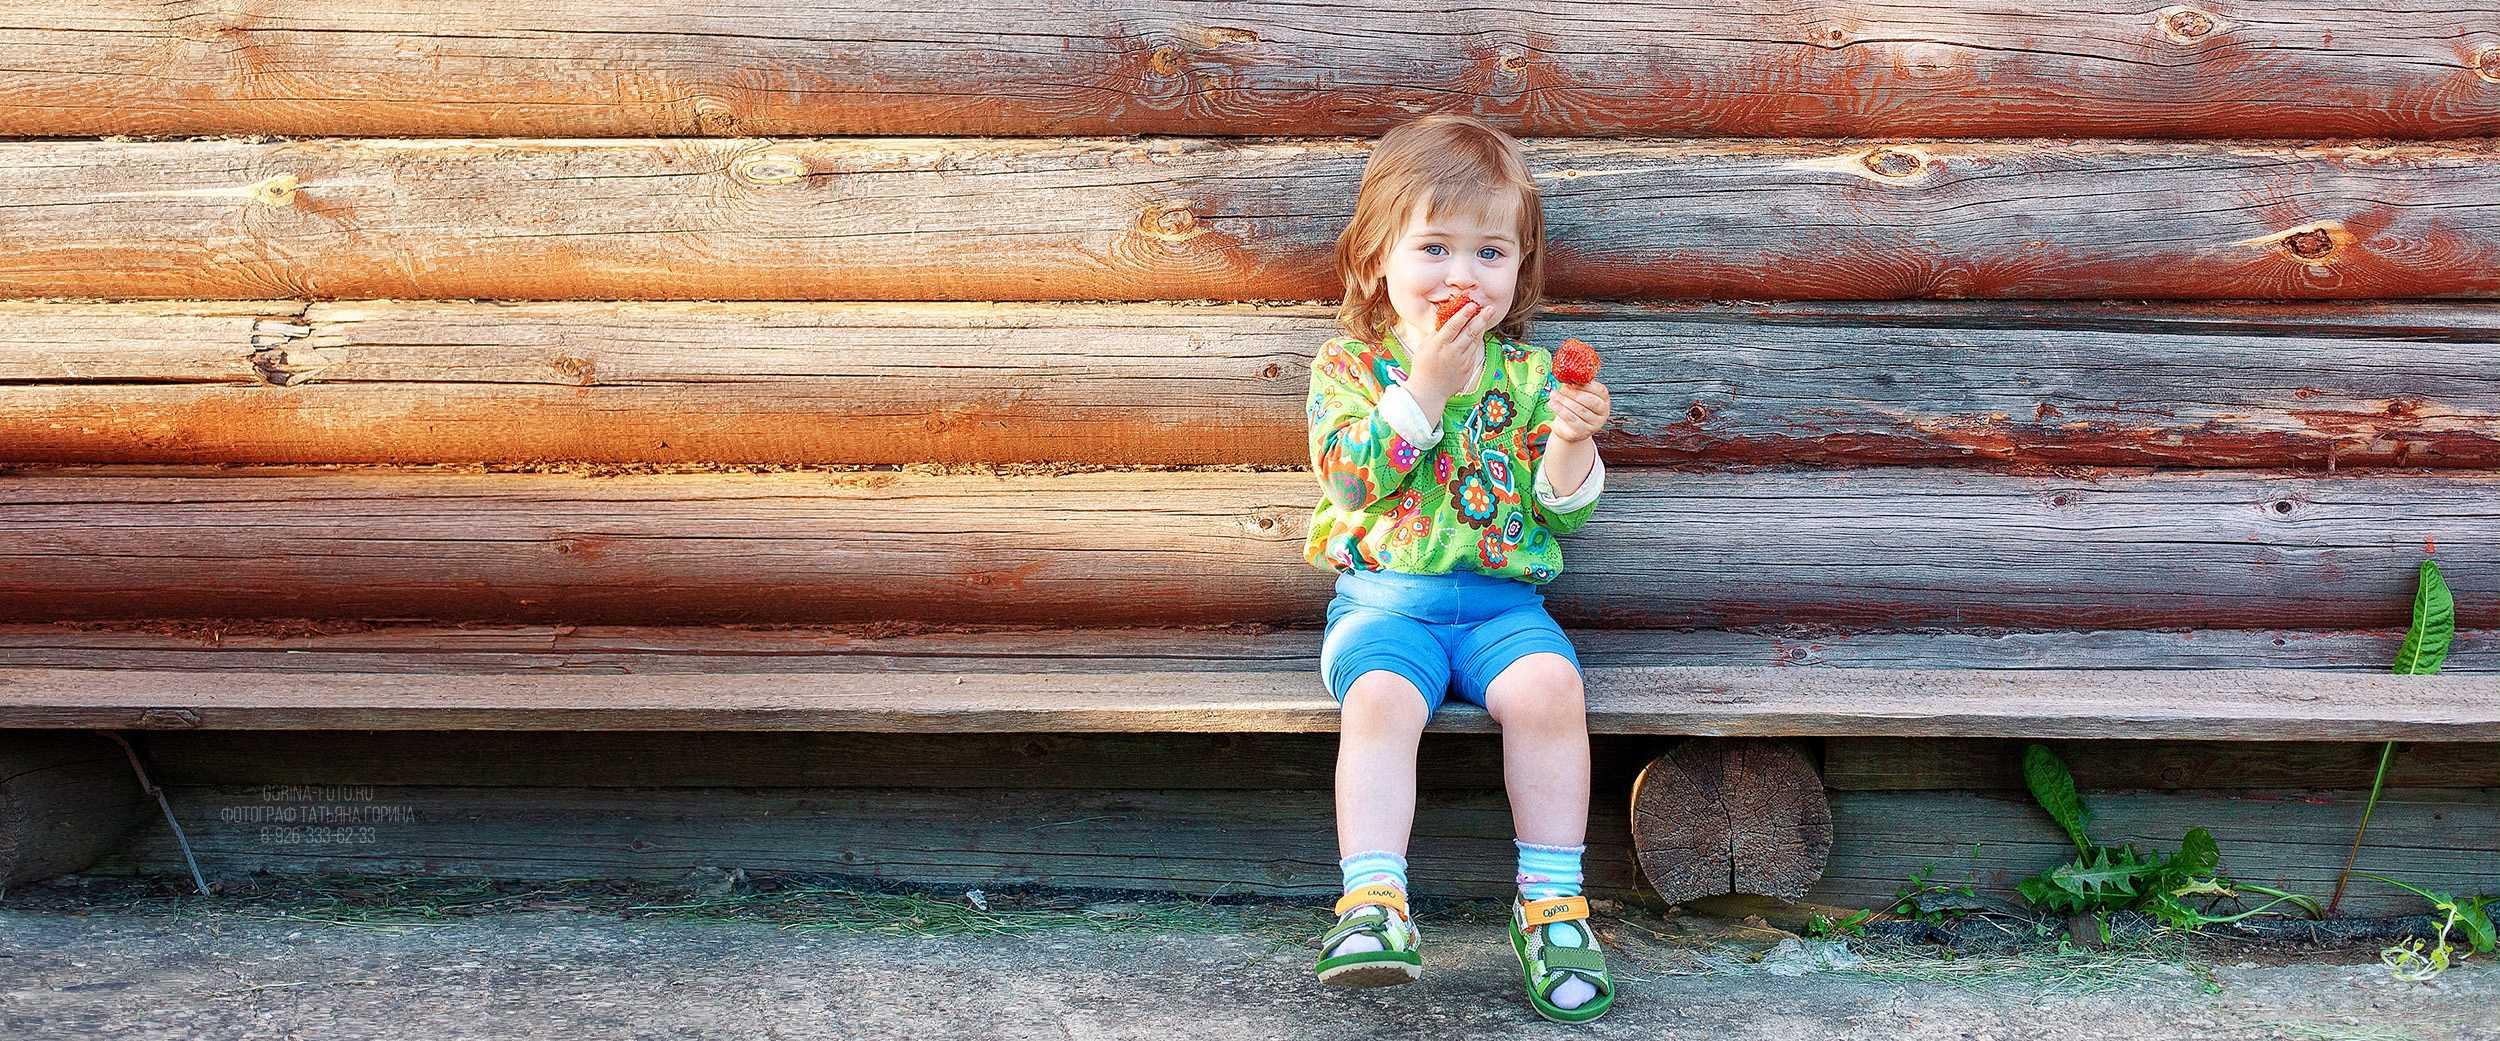 Детские фотосессии в Подмосковье. Фотограф Татьяна Горина.